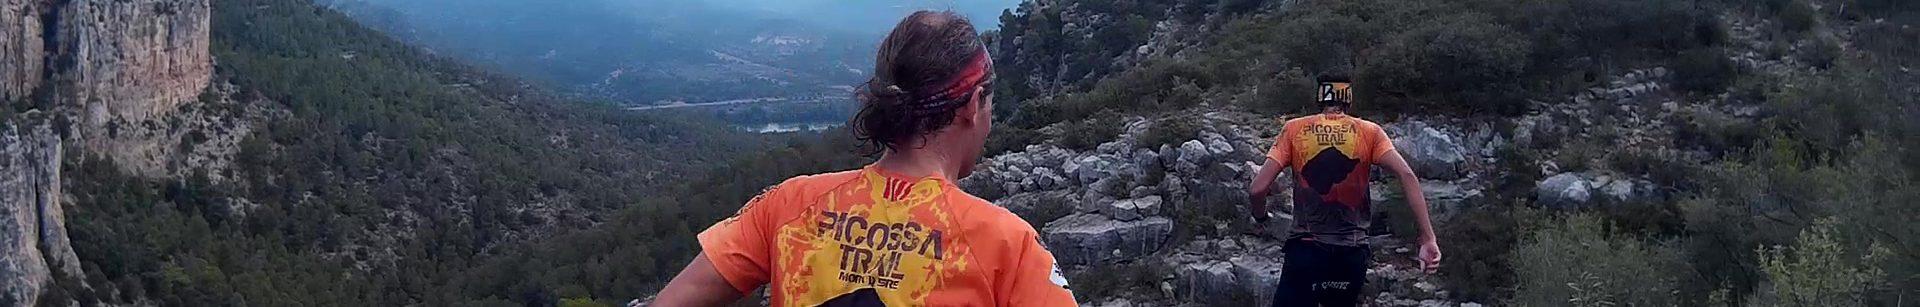 A.E. Picossa Trail